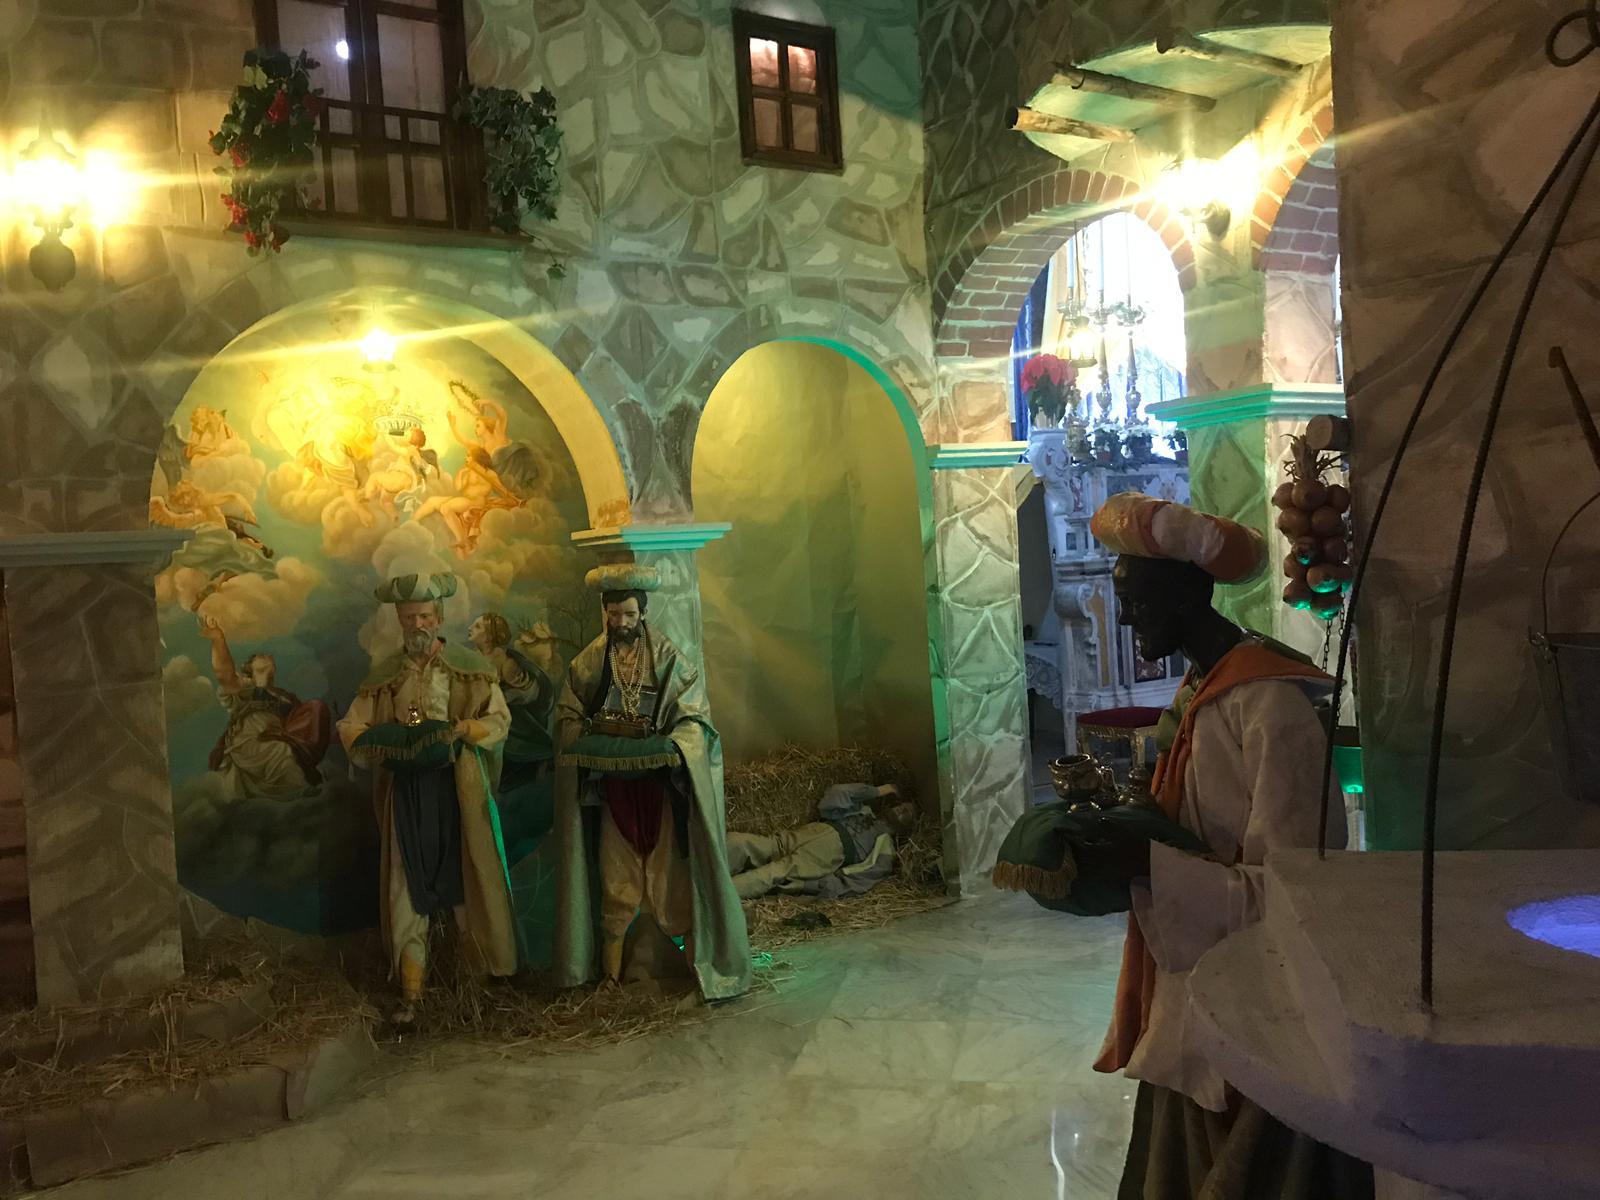 La chiesa di San Clemente ospita il presepe monumentale